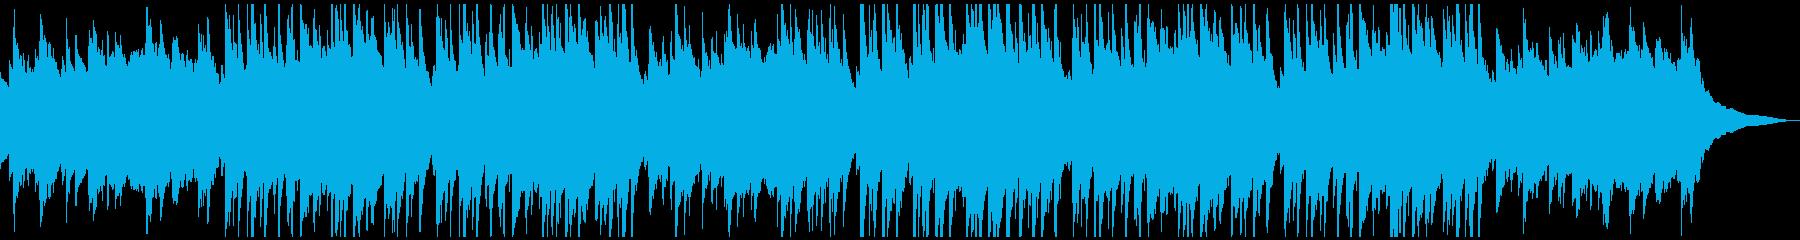 ゆったりしたピアノと鉄琴の曲です。の再生済みの波形